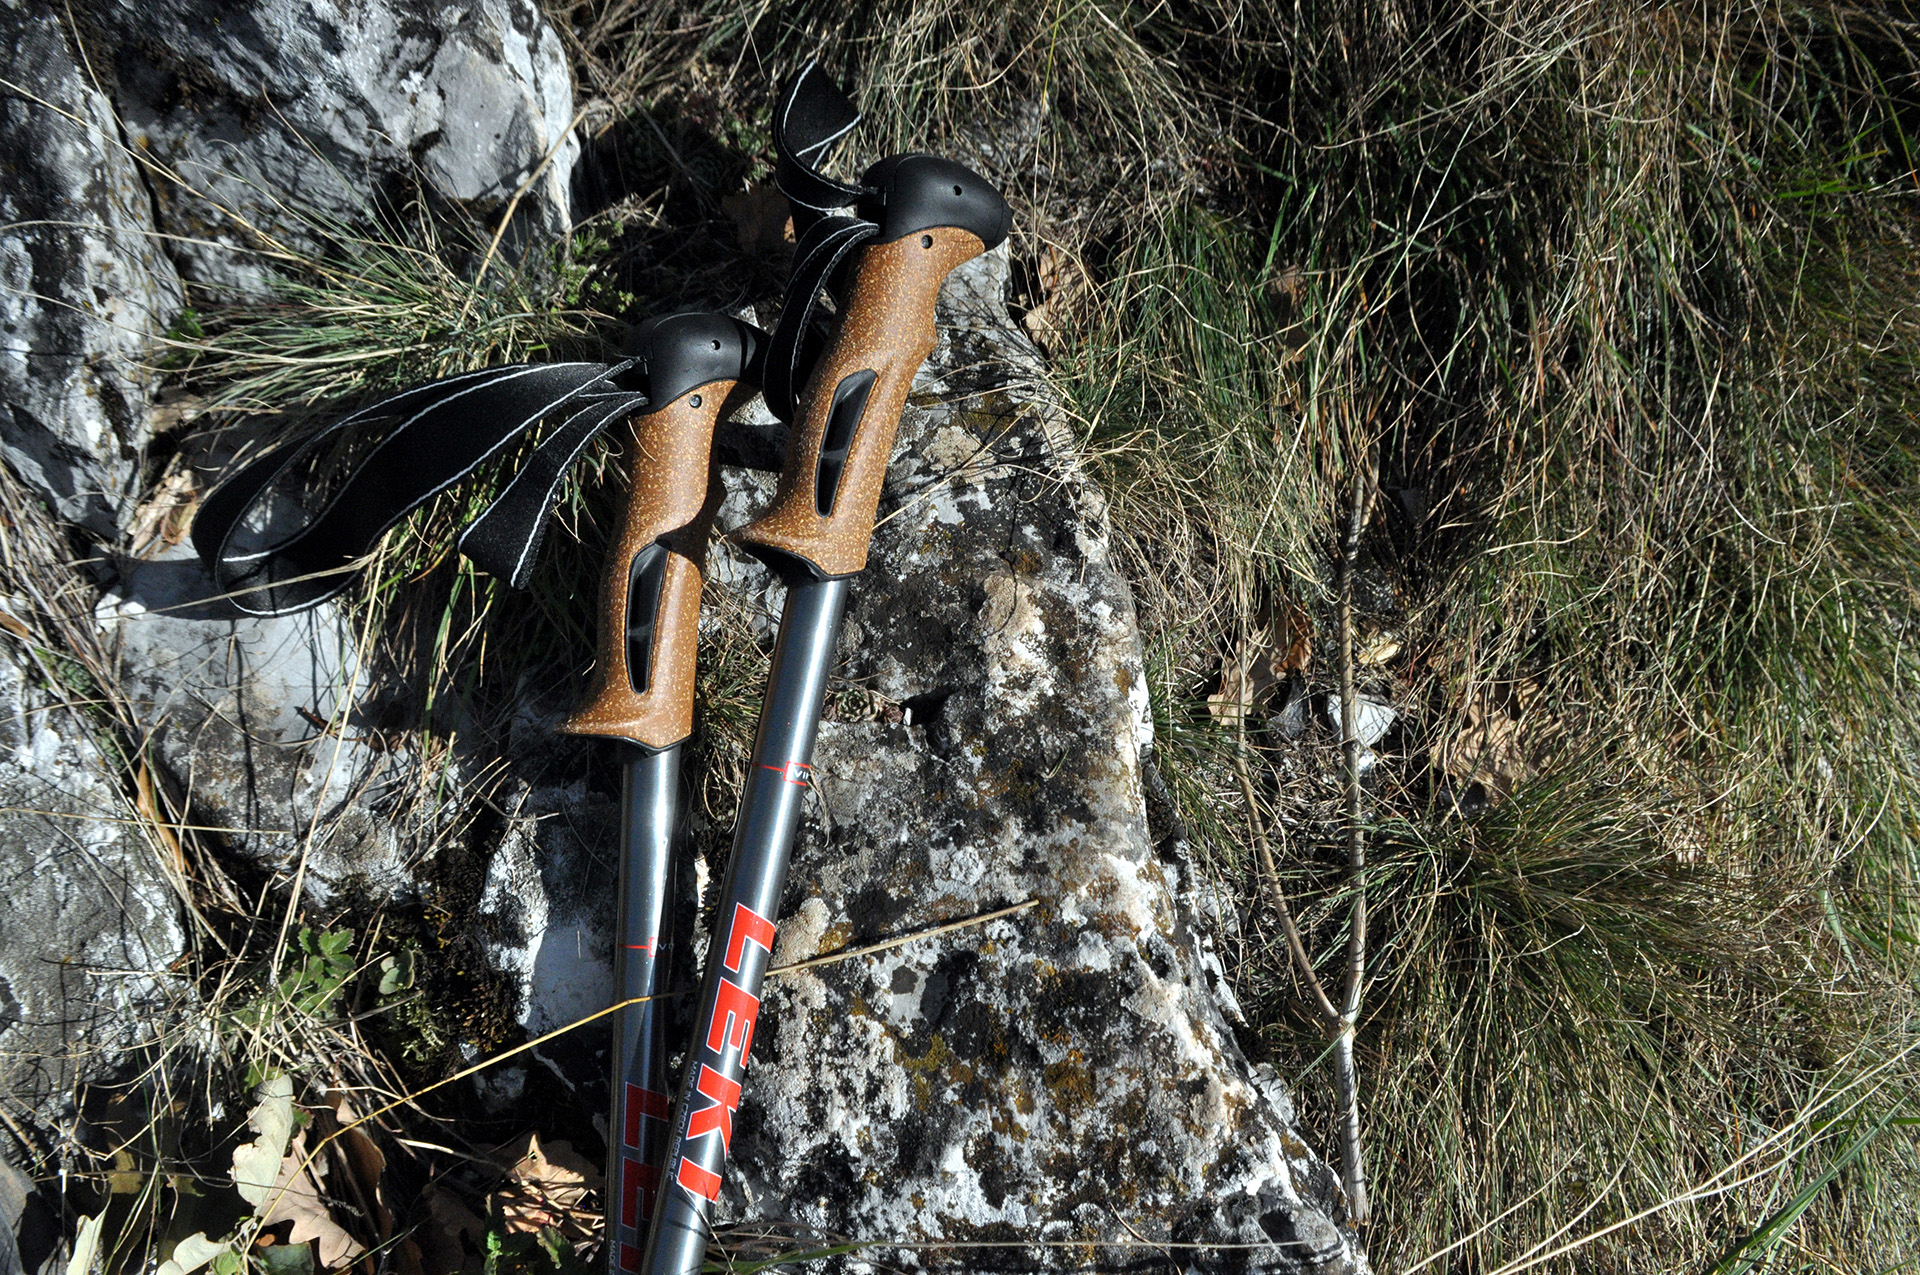 Leki Trail és Trail Antishock túrabot teszt-6